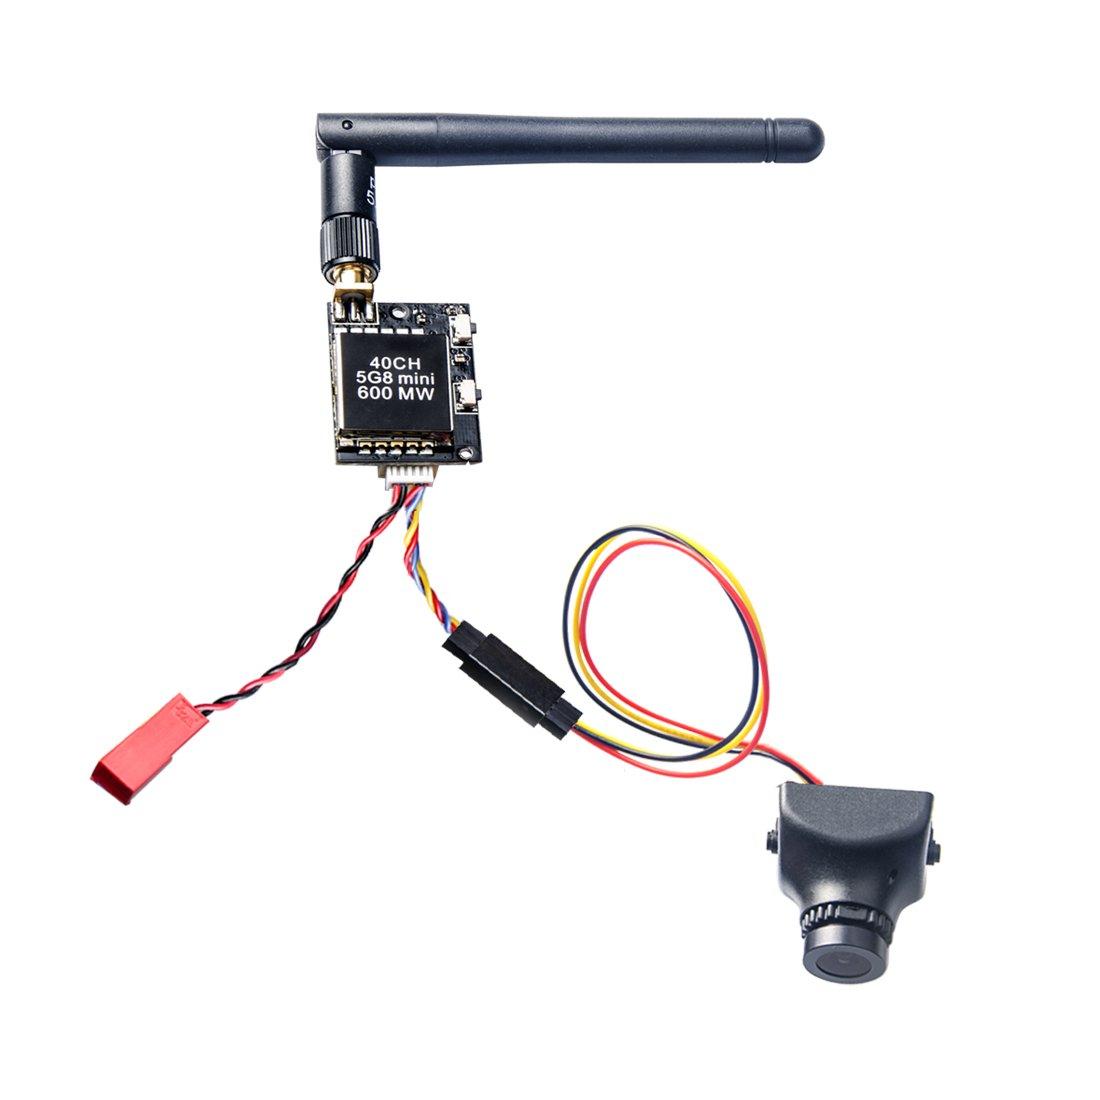 AKK Transmitter 700TVL Degree Quadcopter